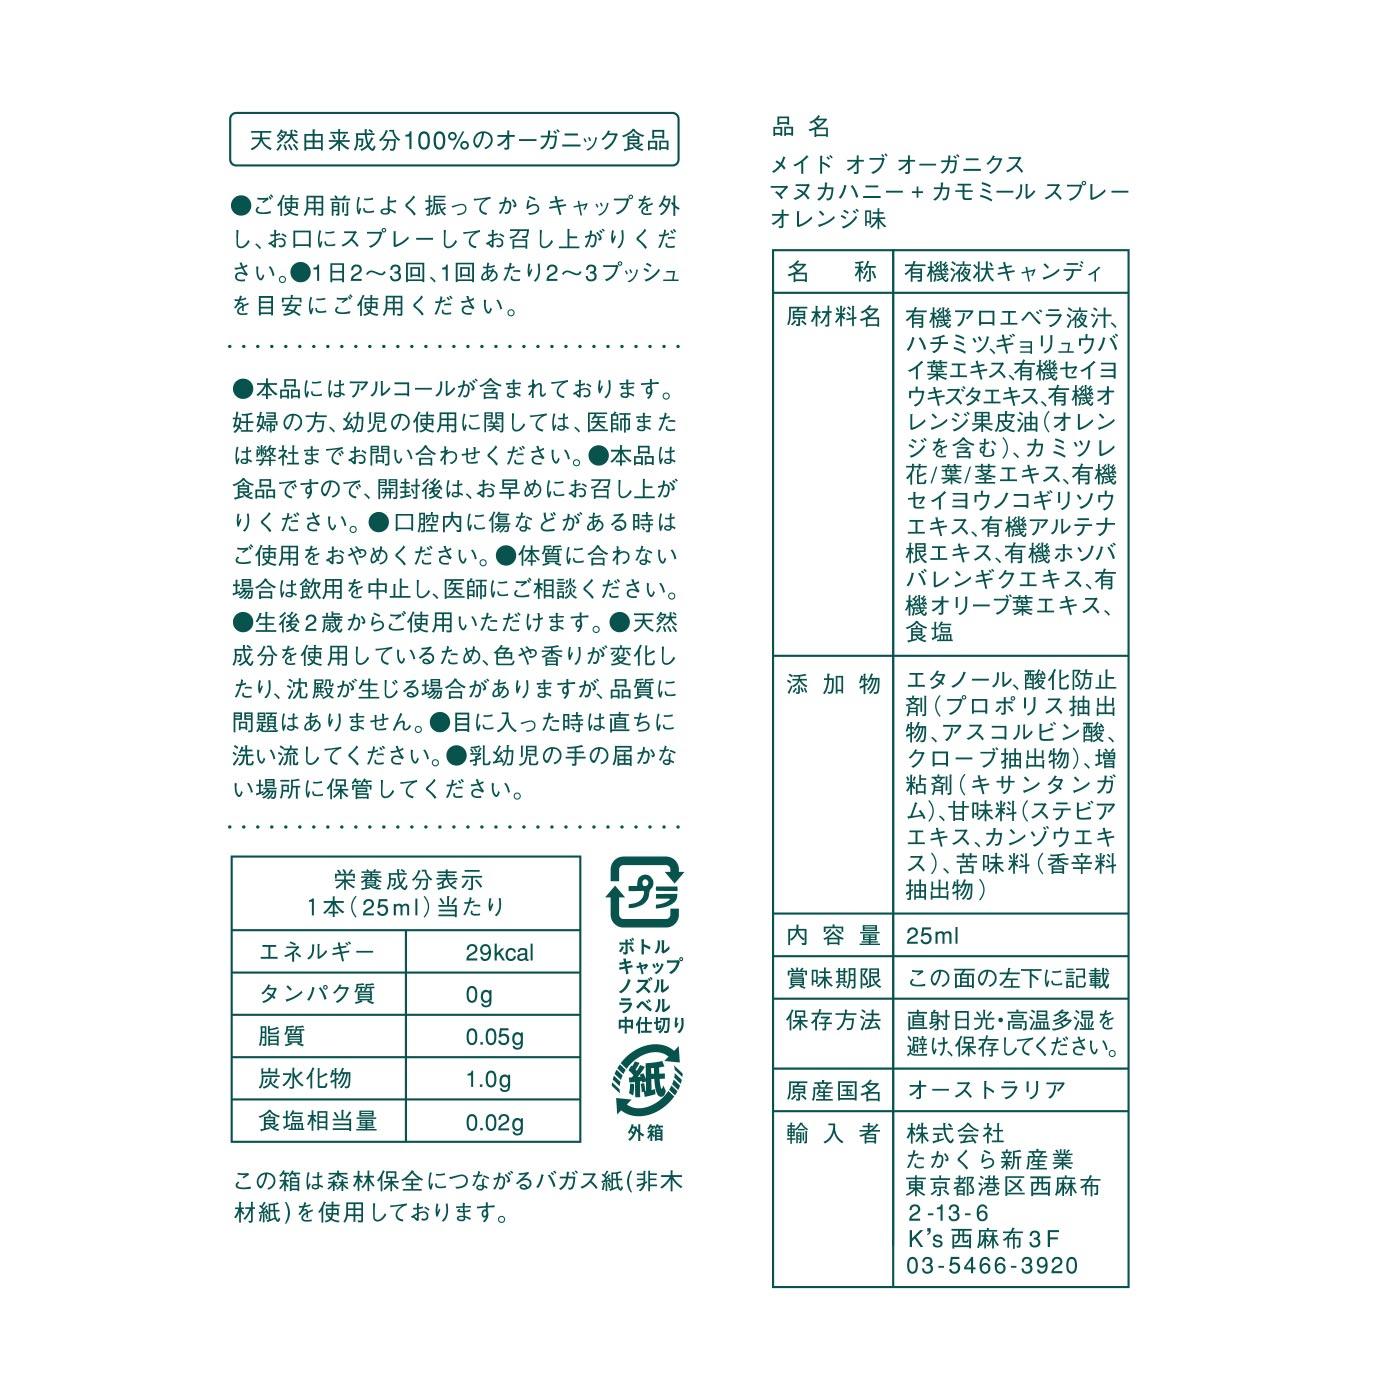 マヌカ メイド オブ ハニー カモミール スプレー オーガニクス